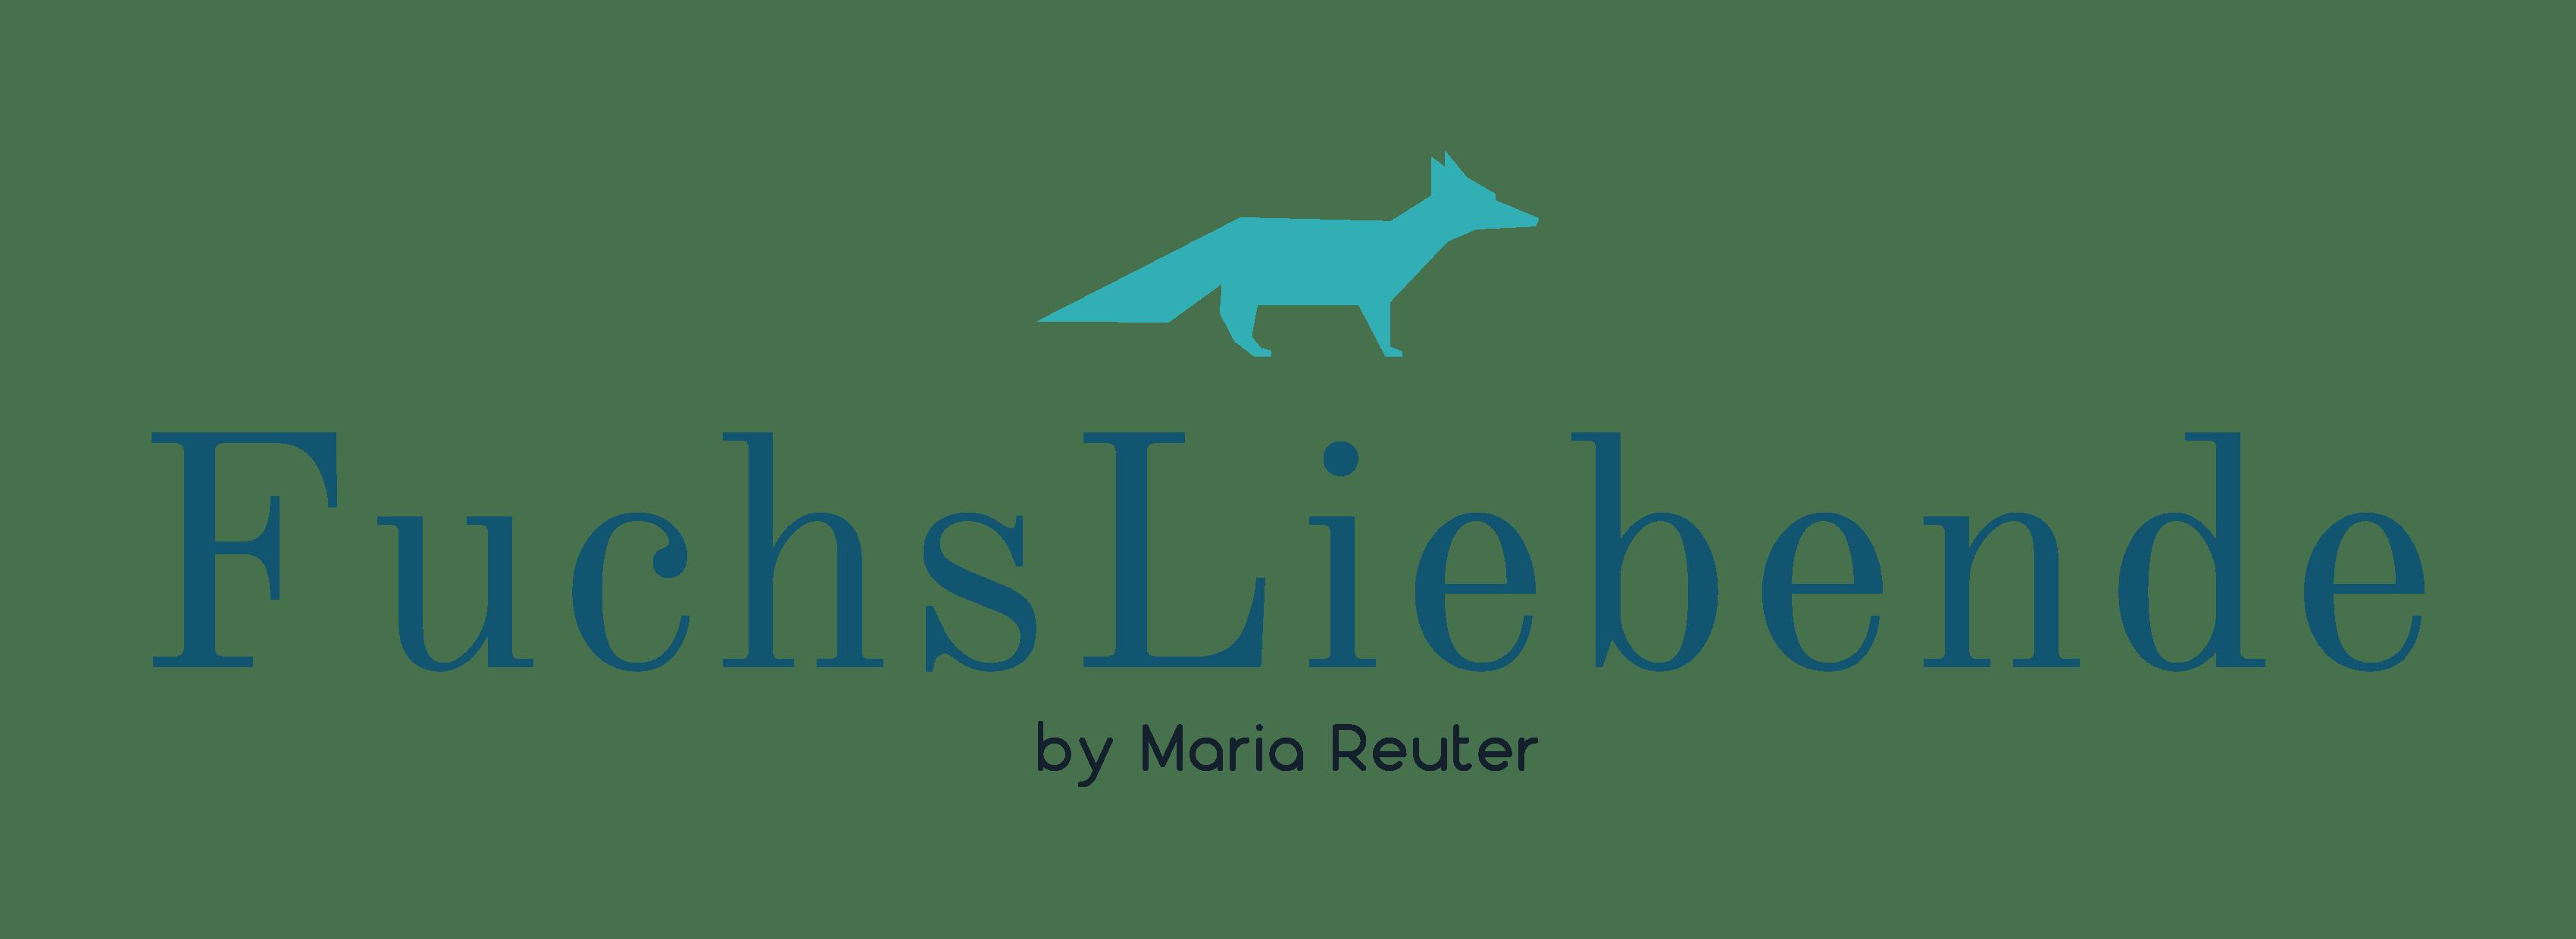 FuchsLiebende